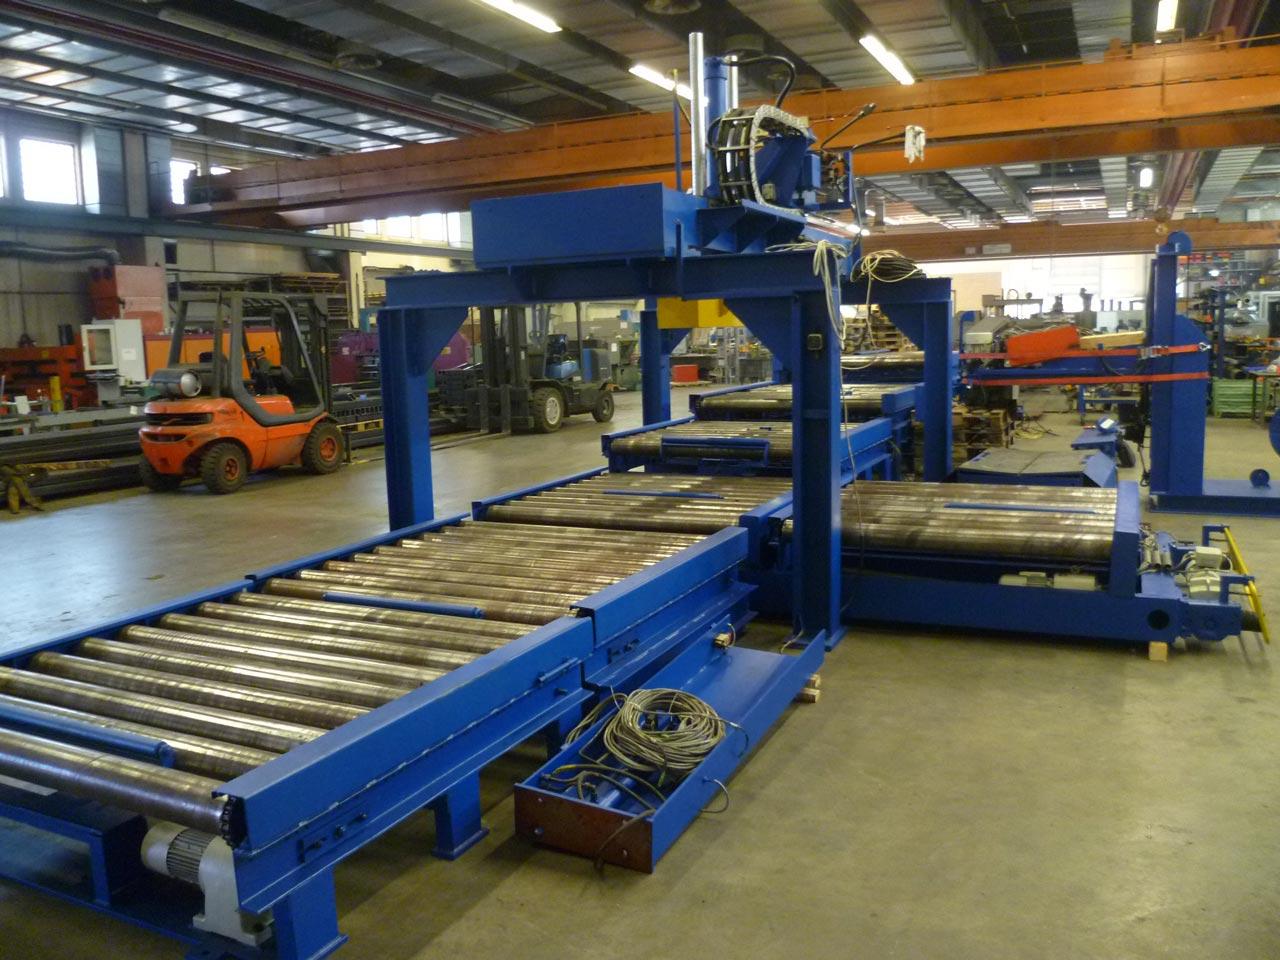 Montage, Demontage, Industrieservice, Wartung, Instandhaltung, Anlagenmontage, Überholung, Reparatur, Retrofit, Modernisierung